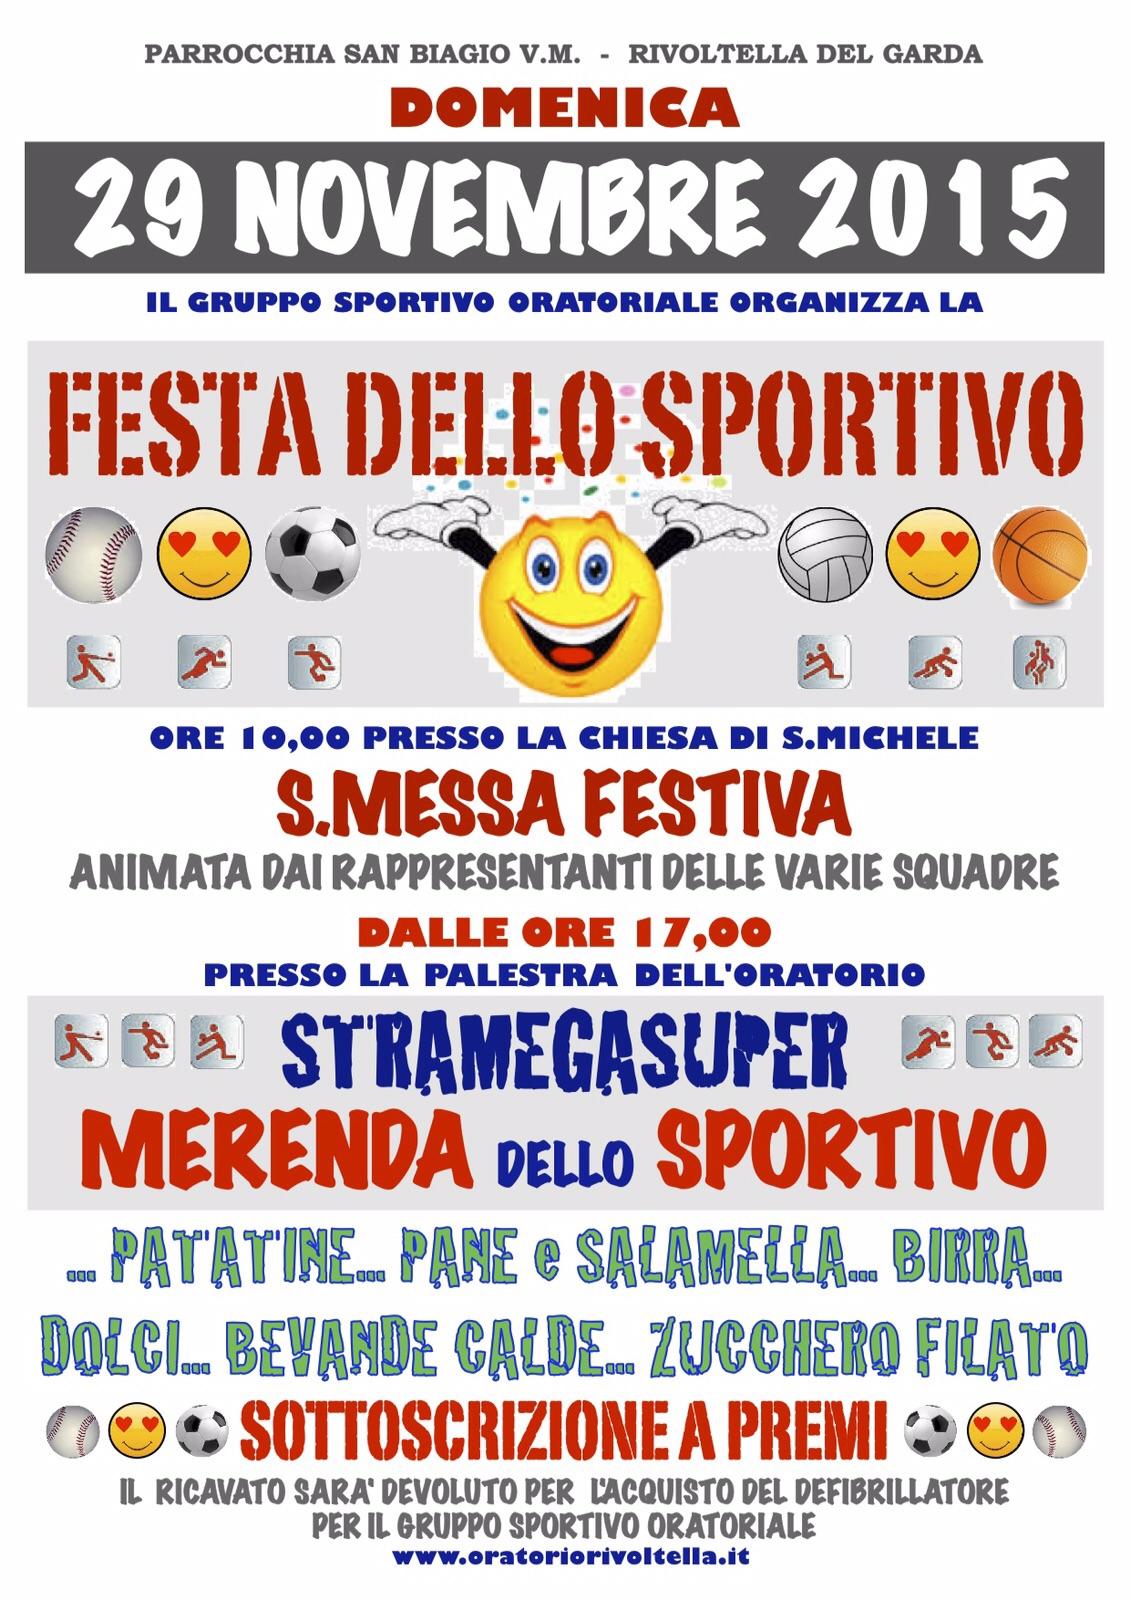 Festa dello Sportivo 2015 in Oratorio S. Michele a Rivoltella